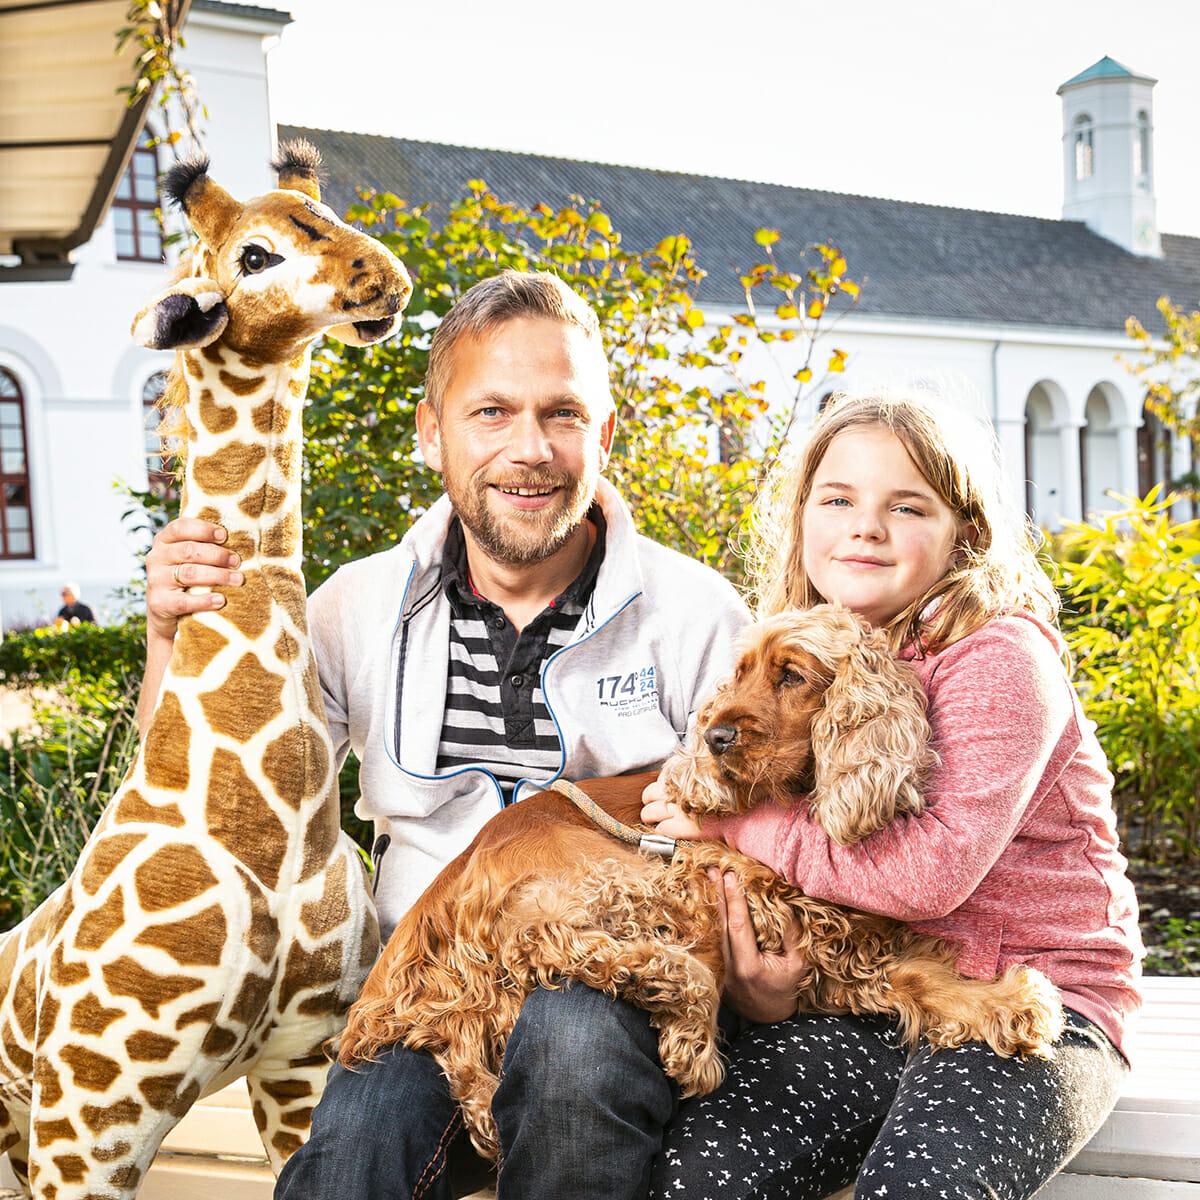 Spielwarenhändler Kai Schnieder mit Tochter, Hund und einem riesigen Stofftier vor dem Norderneyer Conversationshaus am Kurplatz